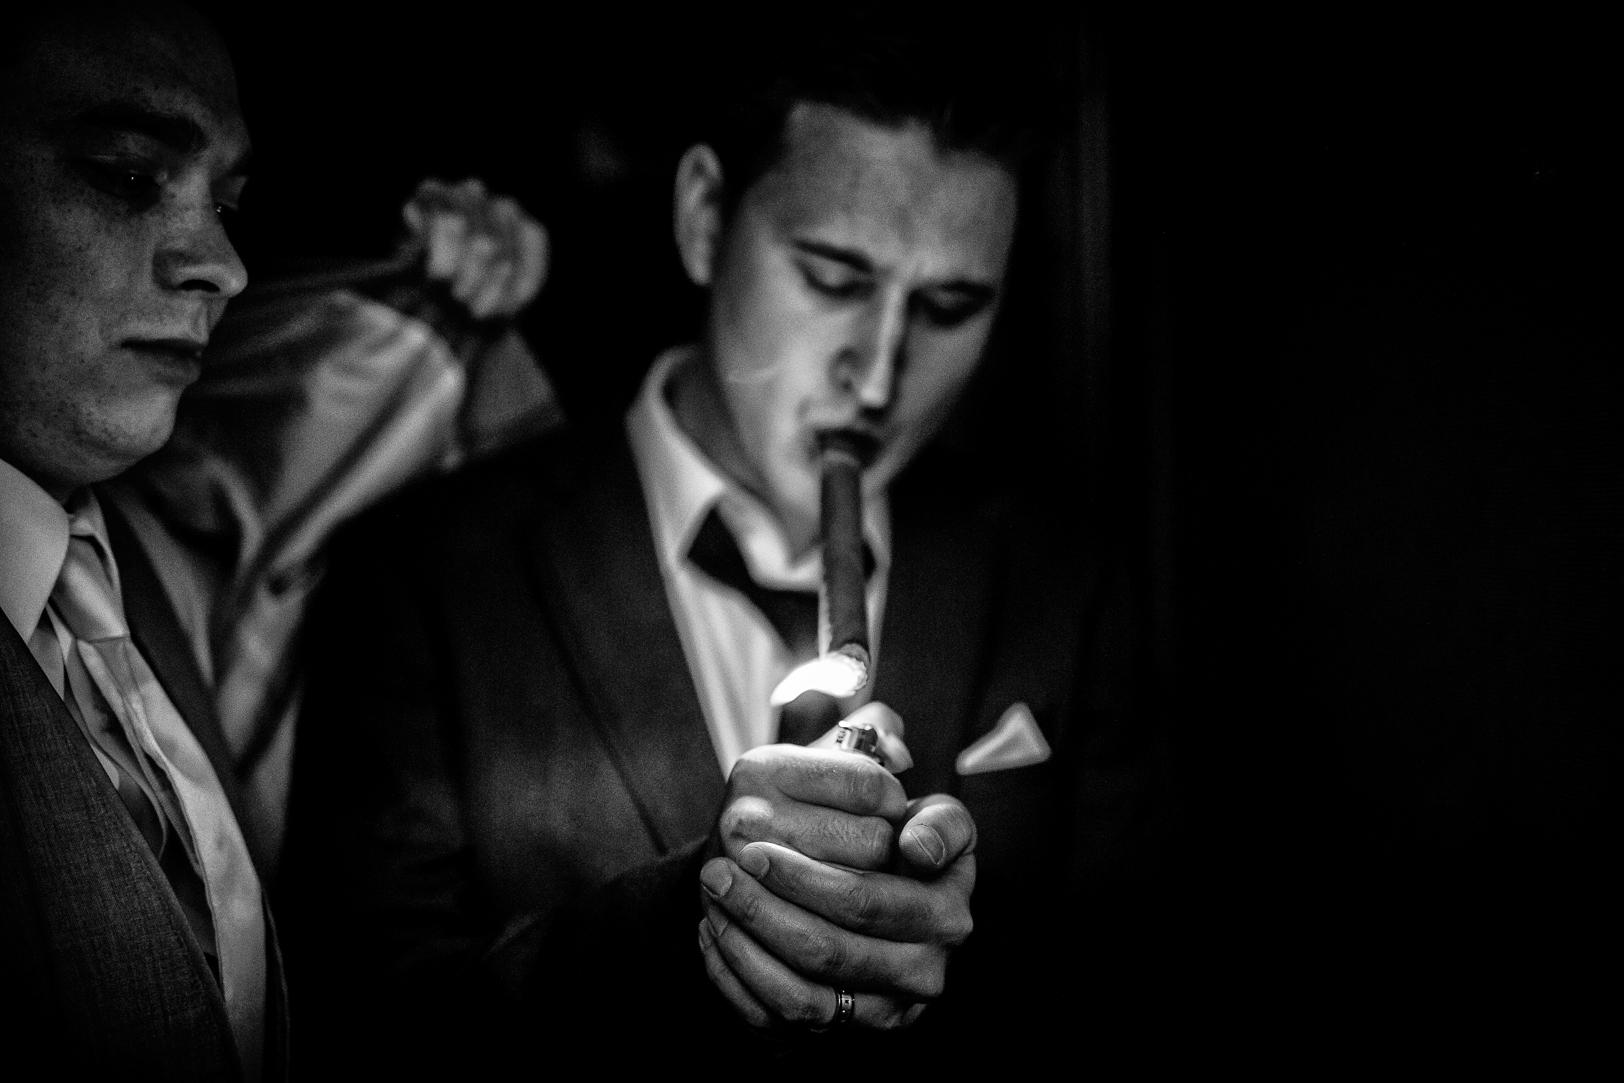 Photo of Groom Smoking Cigar